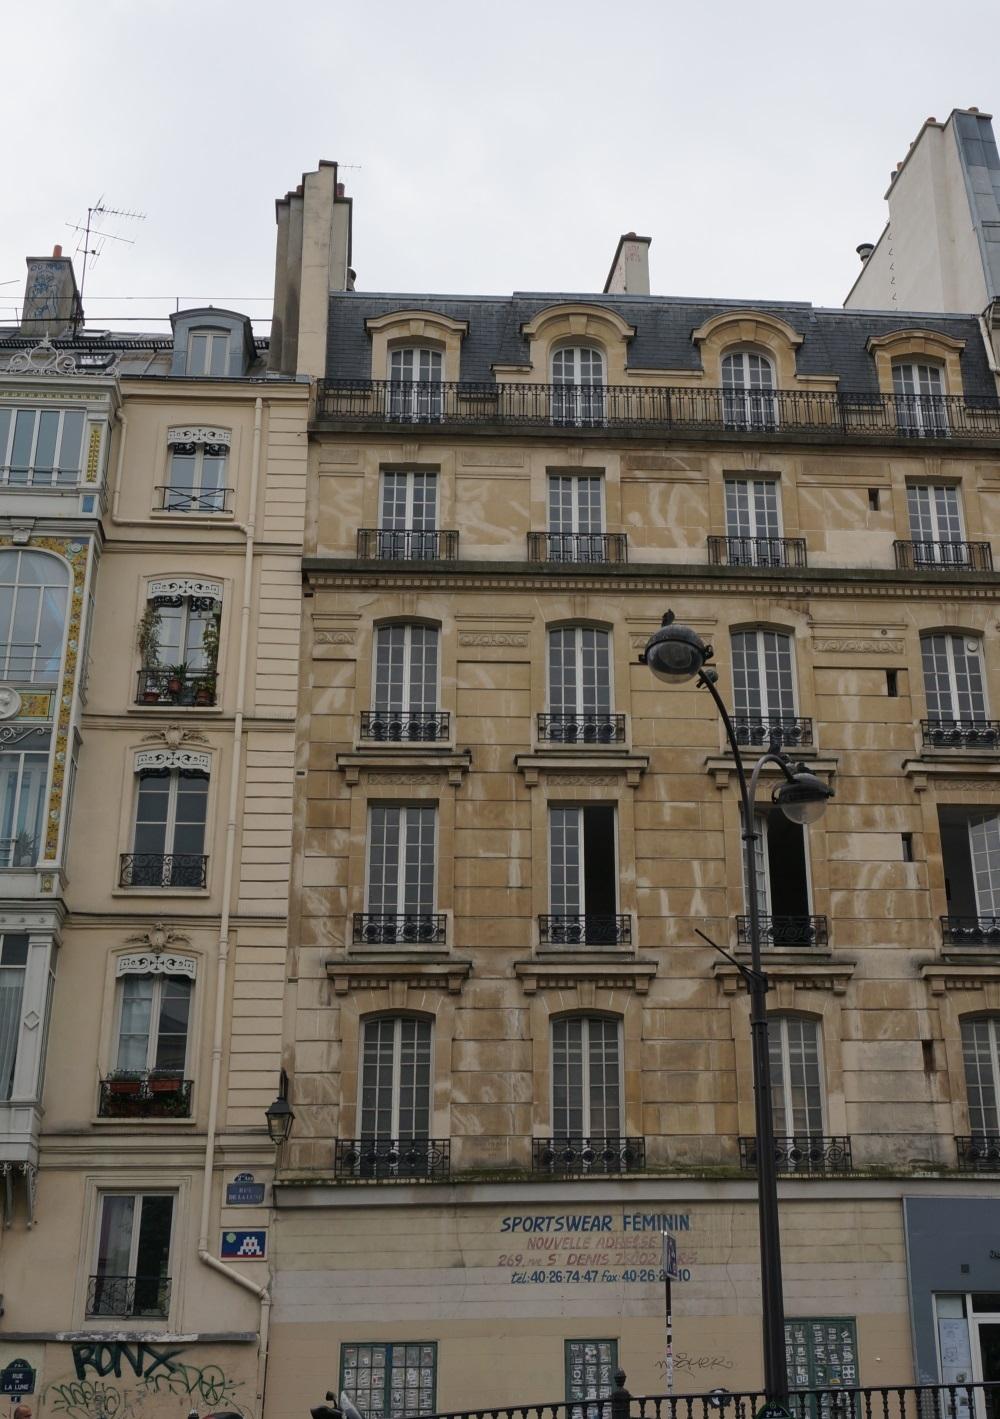 2014, ibidem.xyz ,Bombardement rue de La Lune,1, rue de la Lune,Paris,France